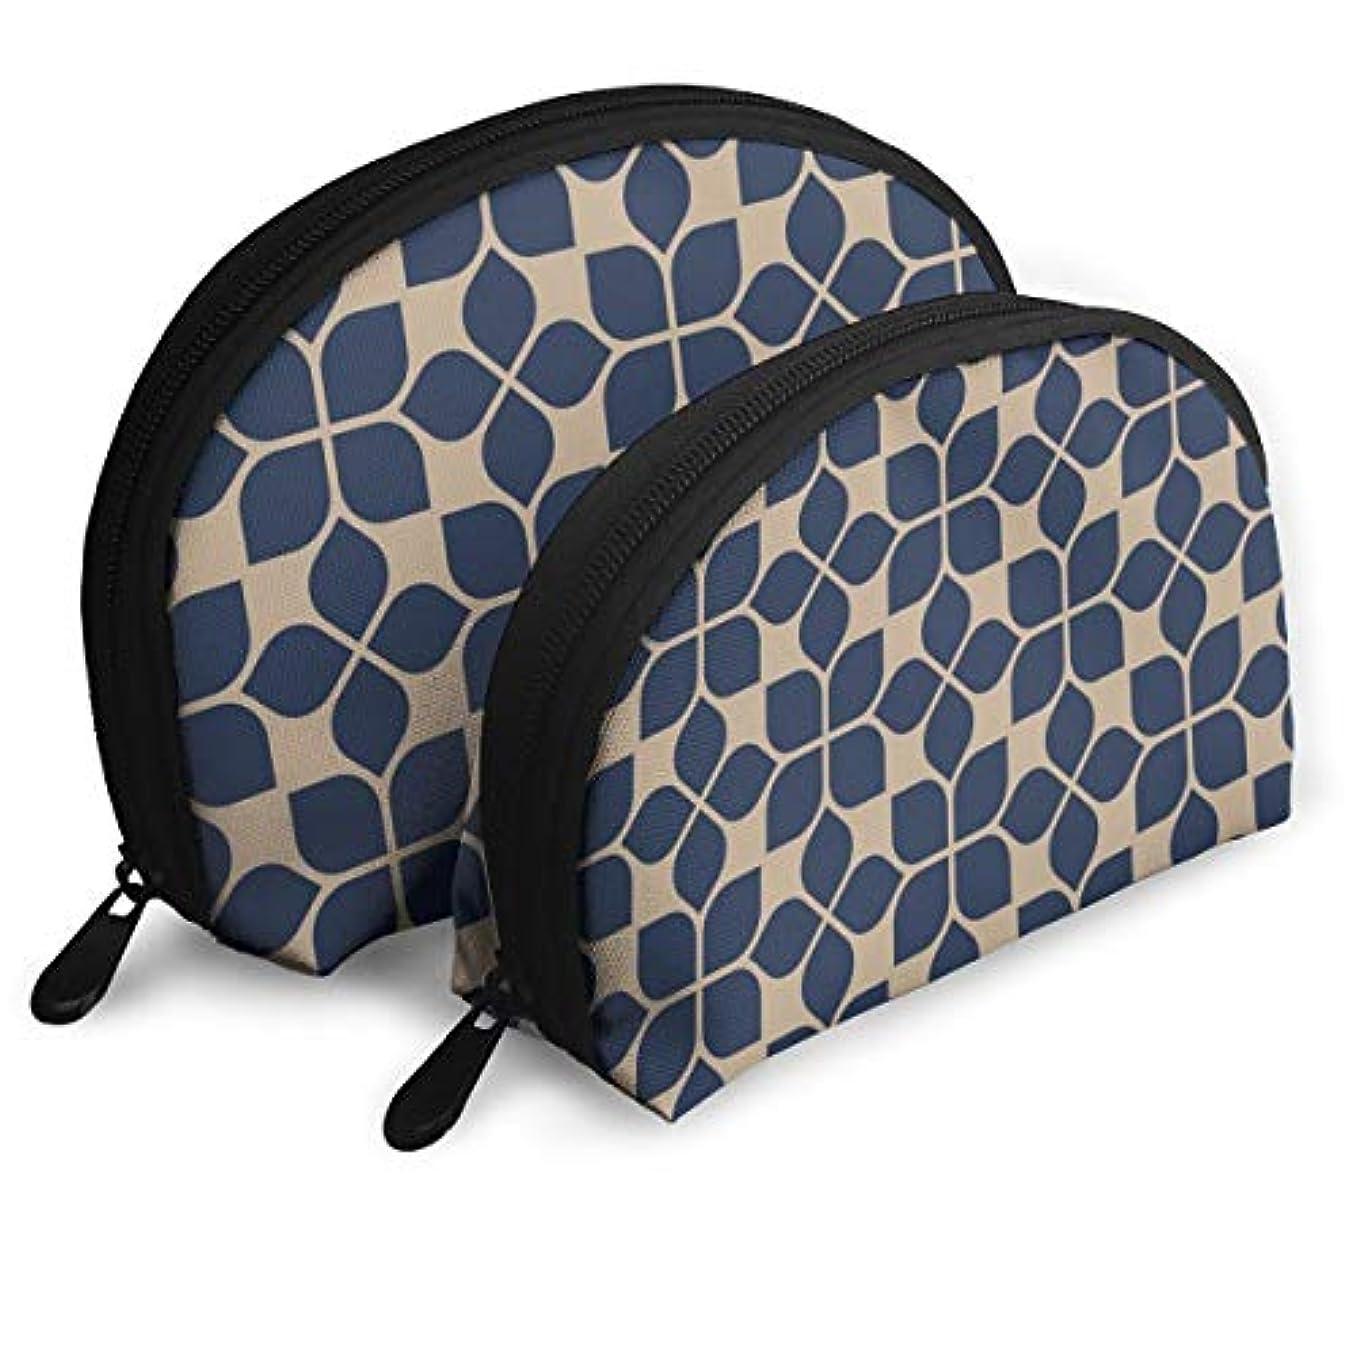 関連付けるロマンチックつぶやきIntercoreyの革新的で膨脹可能なクッション旅行枕、首/頭のあごサポート旅行ボディ昼寝枕クッション飛行機/車/バス